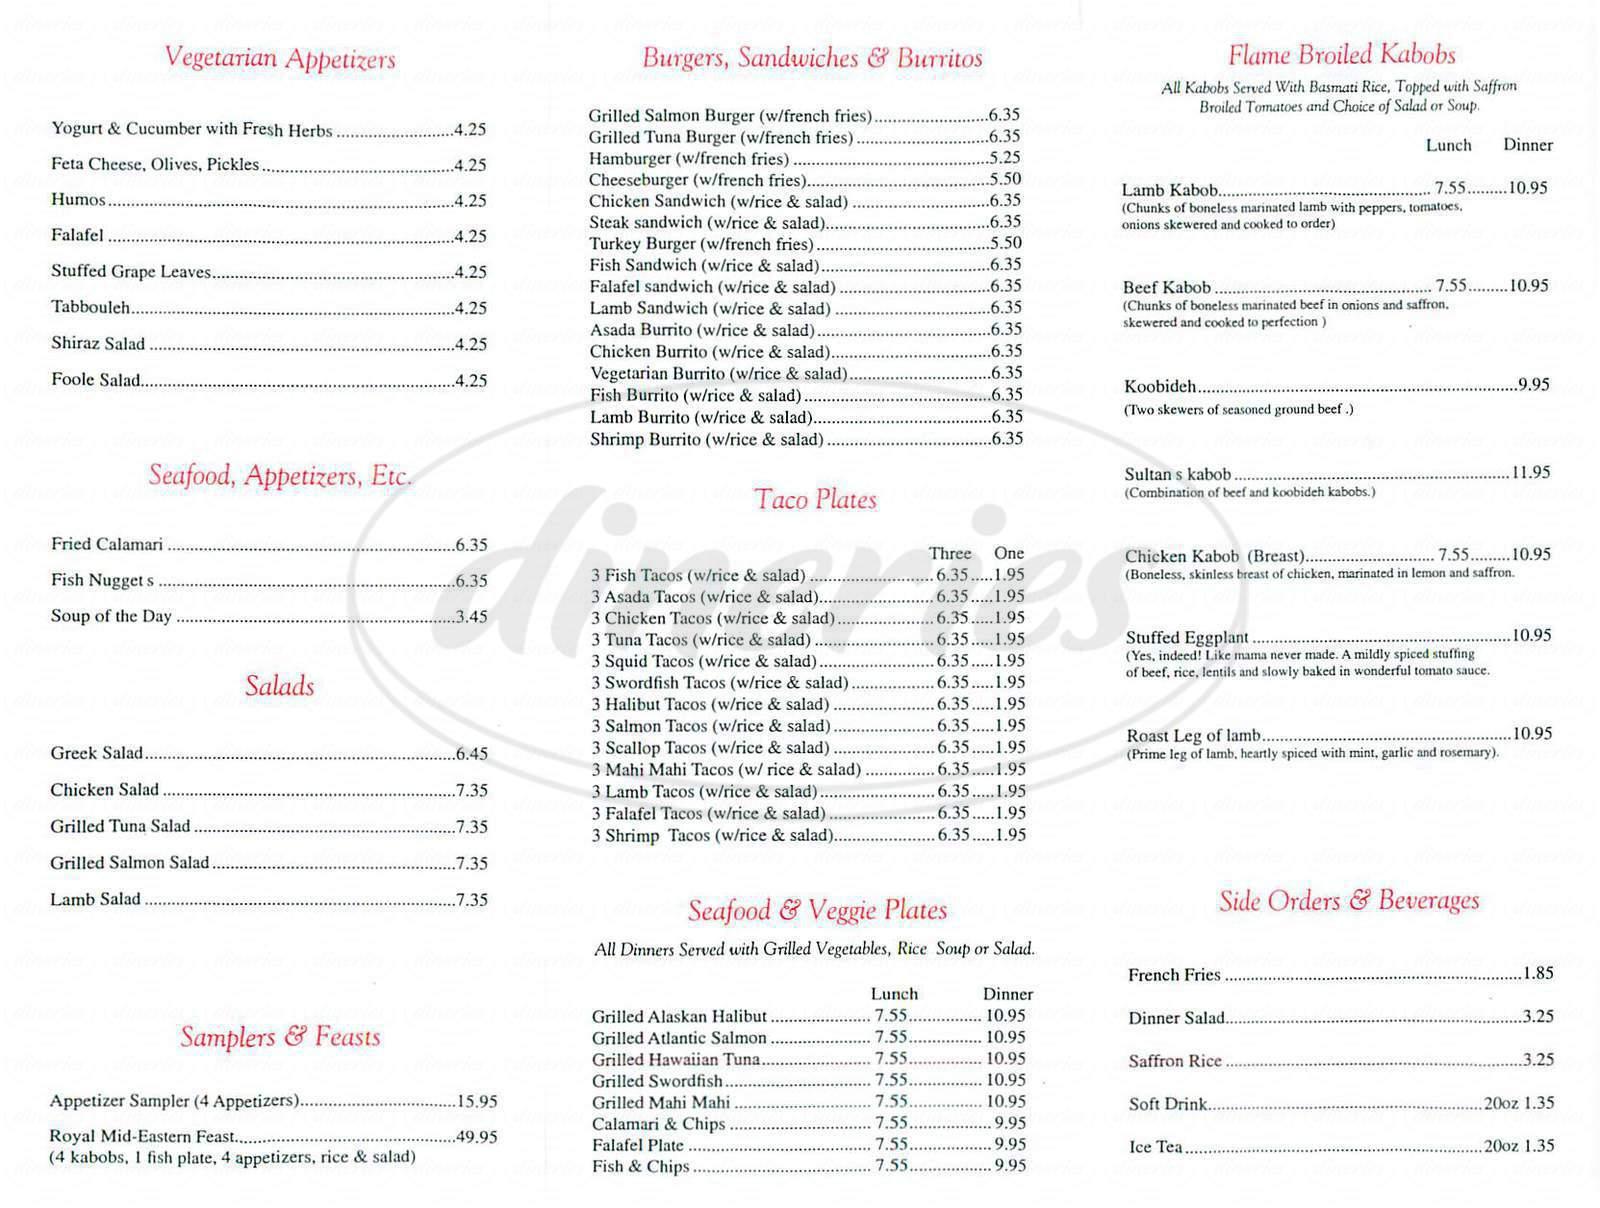 menu for Mediterranean Seafood Vegetarian Specialties